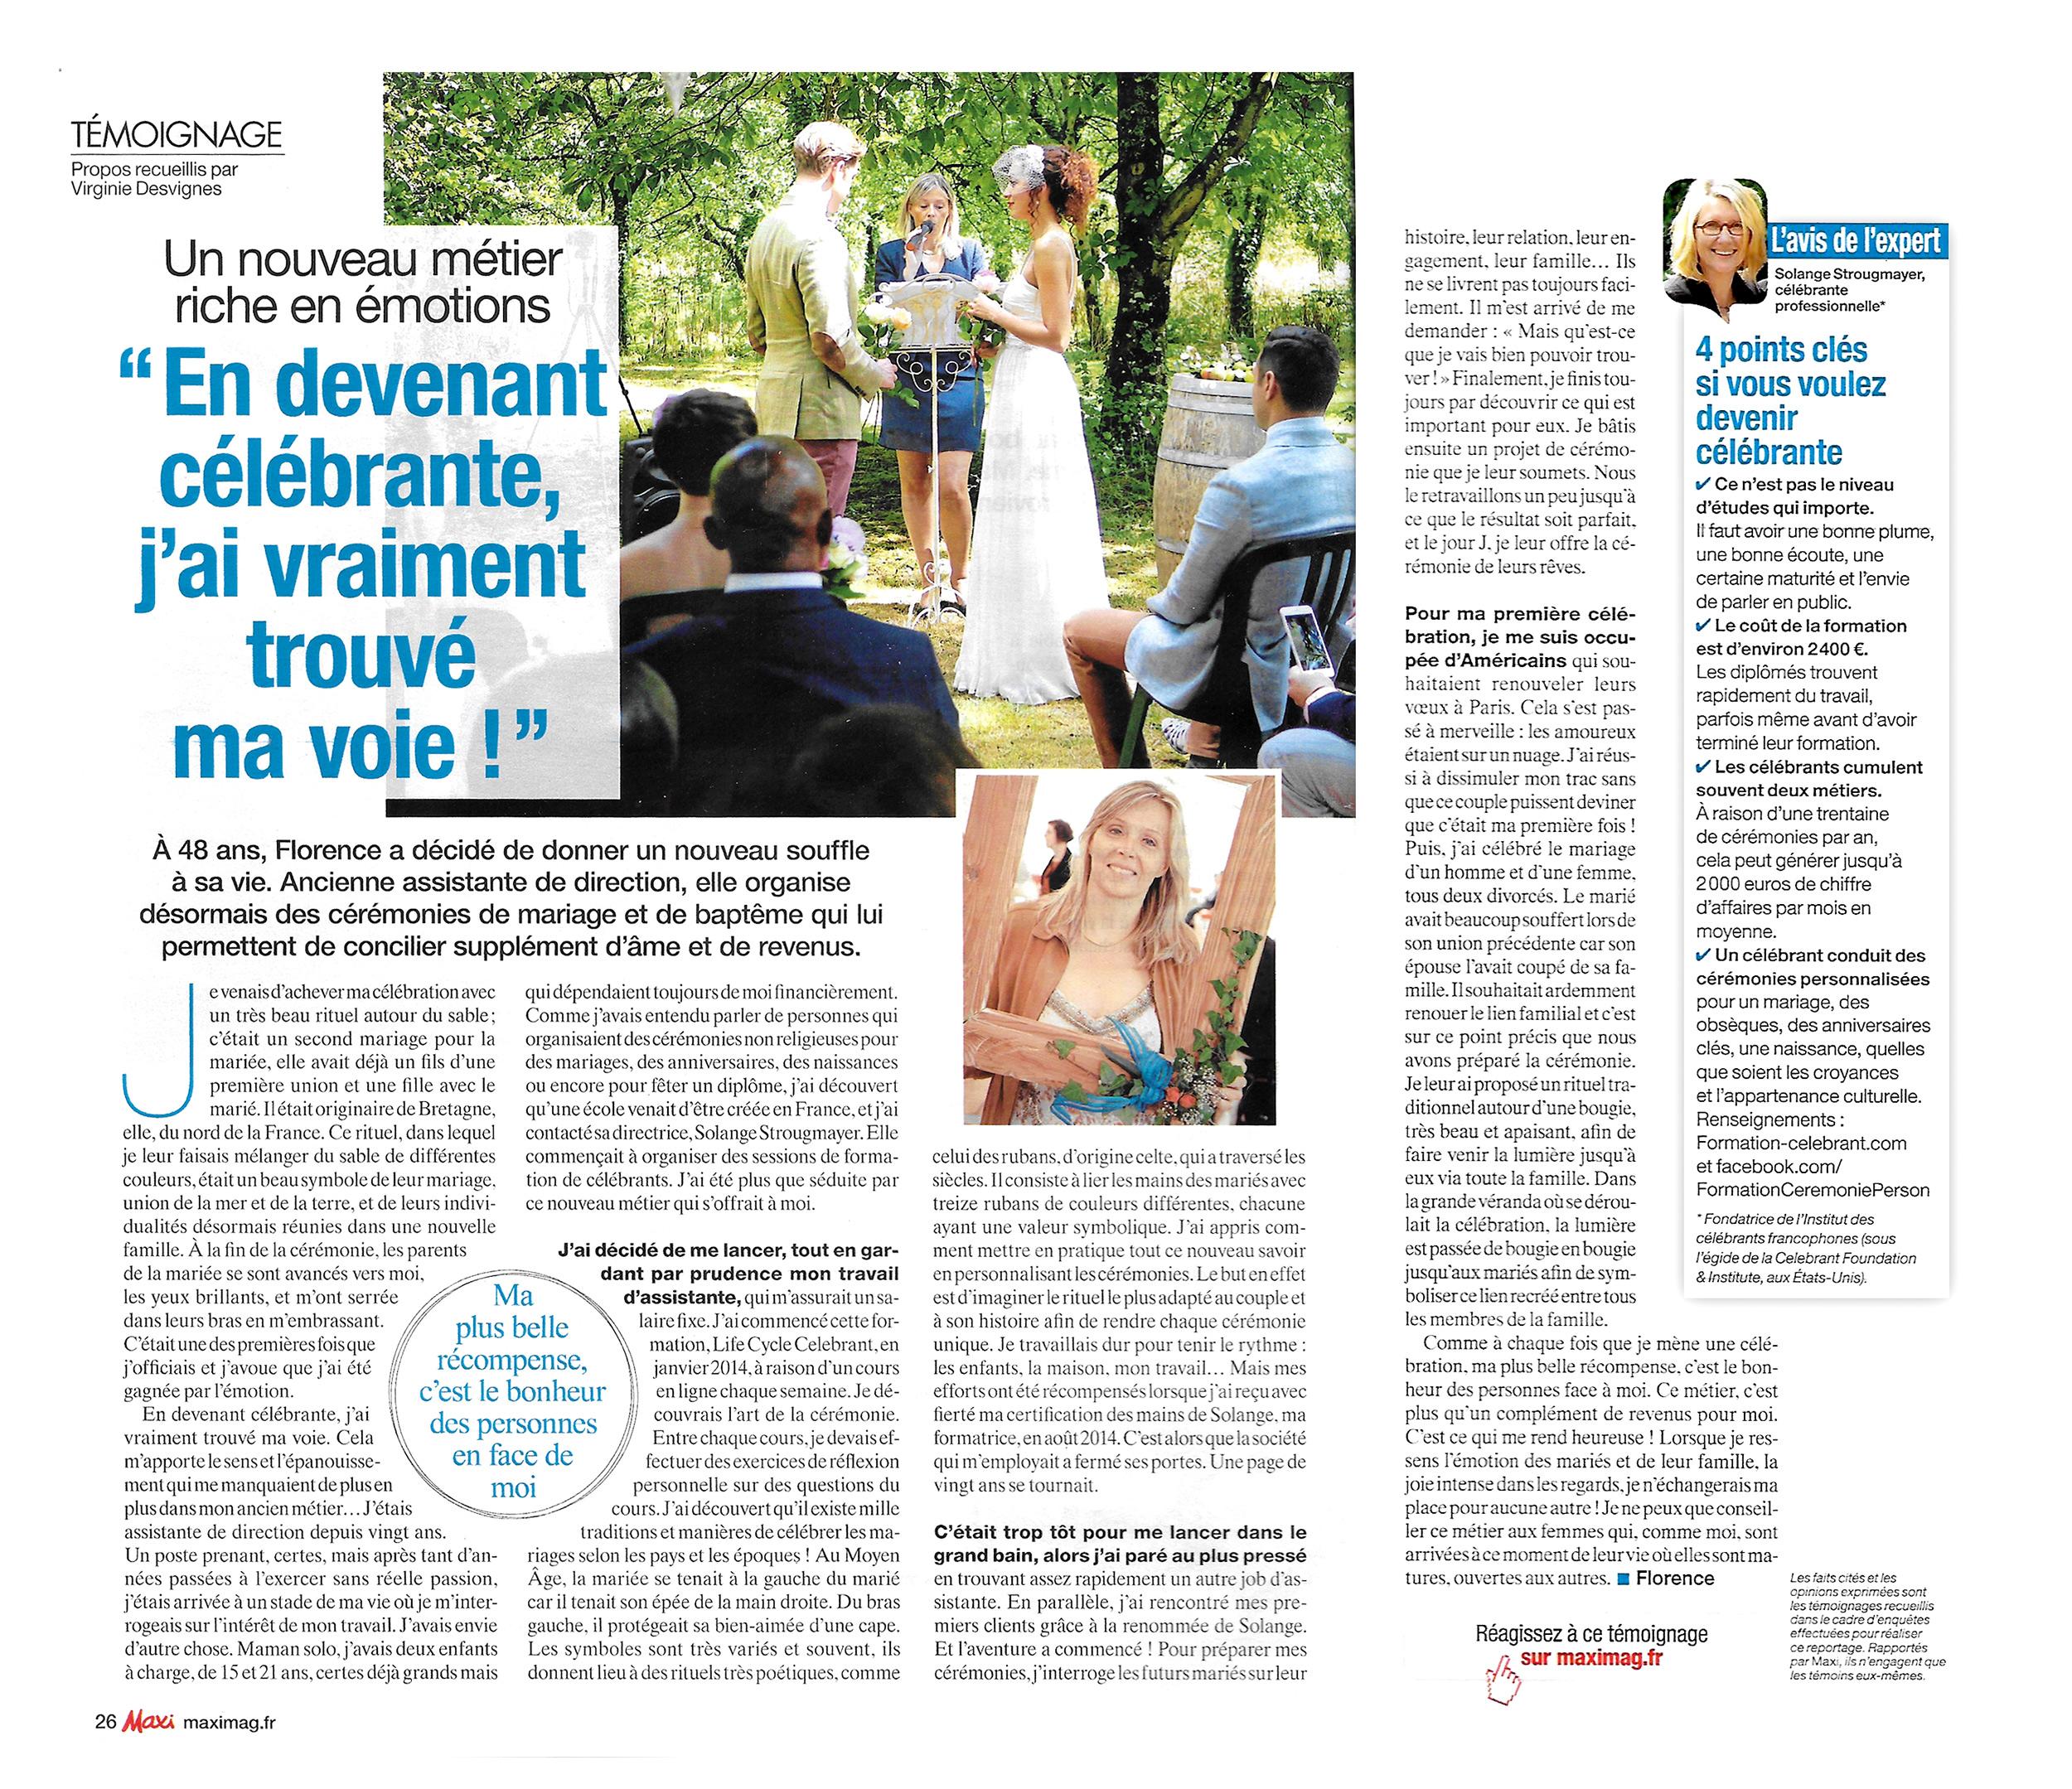 L'article sur les célébrants et les cérémonies laïques personnalisées du magazine Maxi